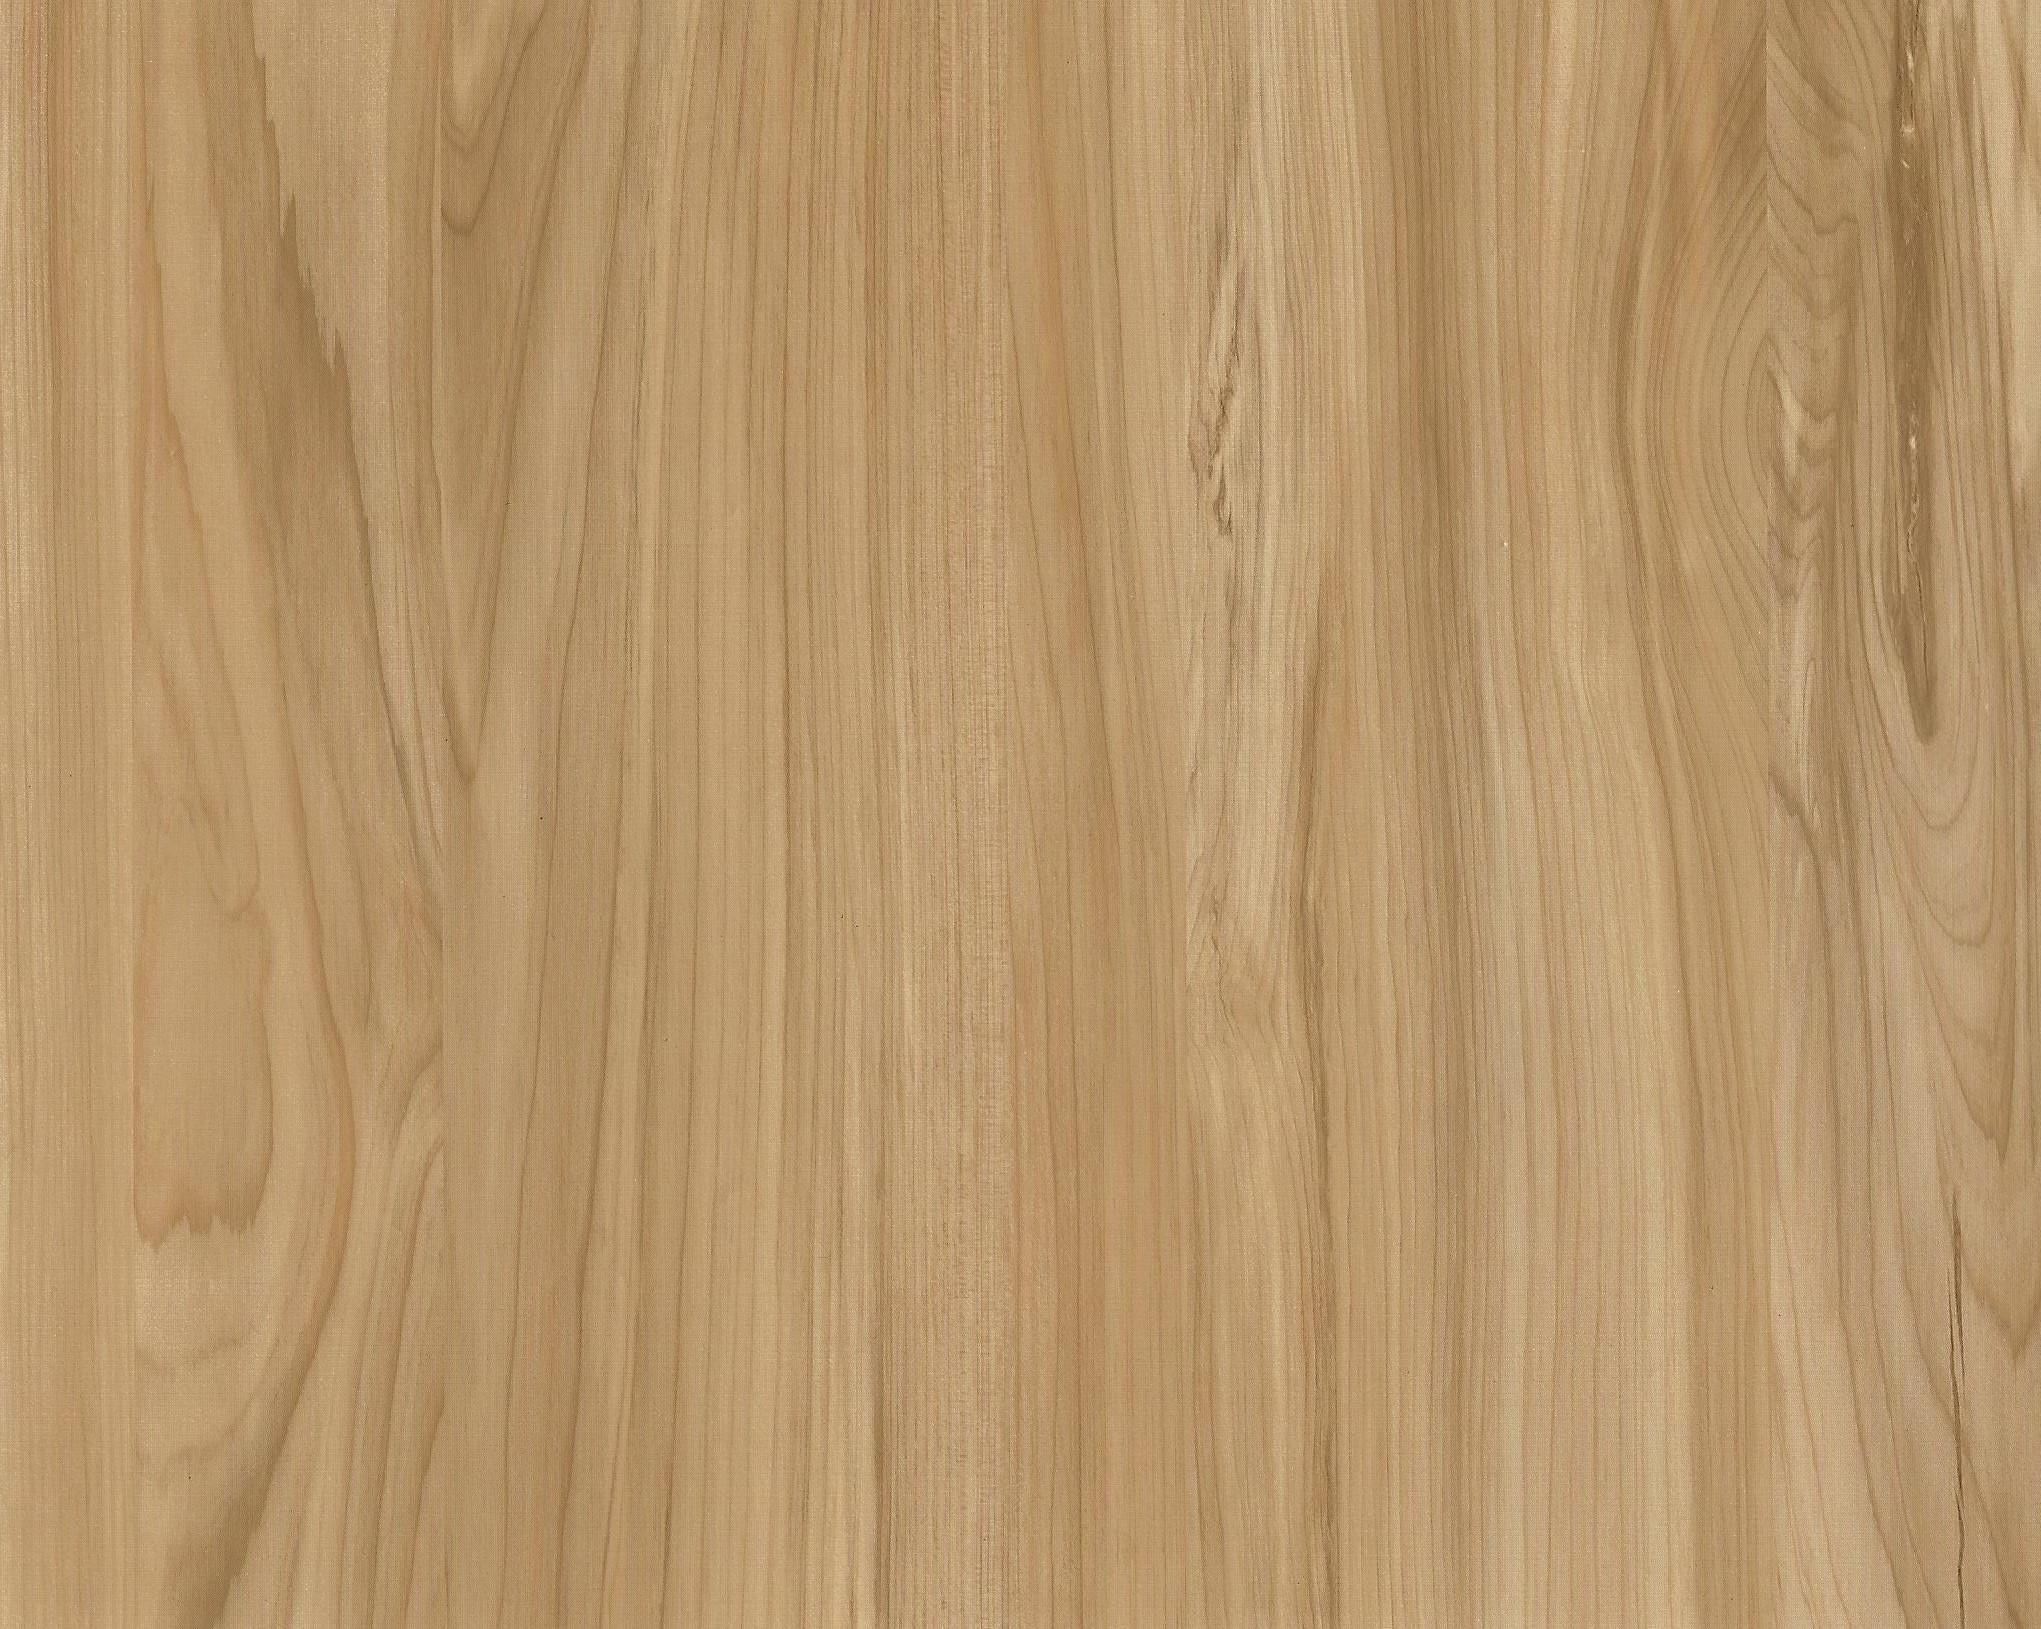 SilverKnight_Wood_Plank_F-11082